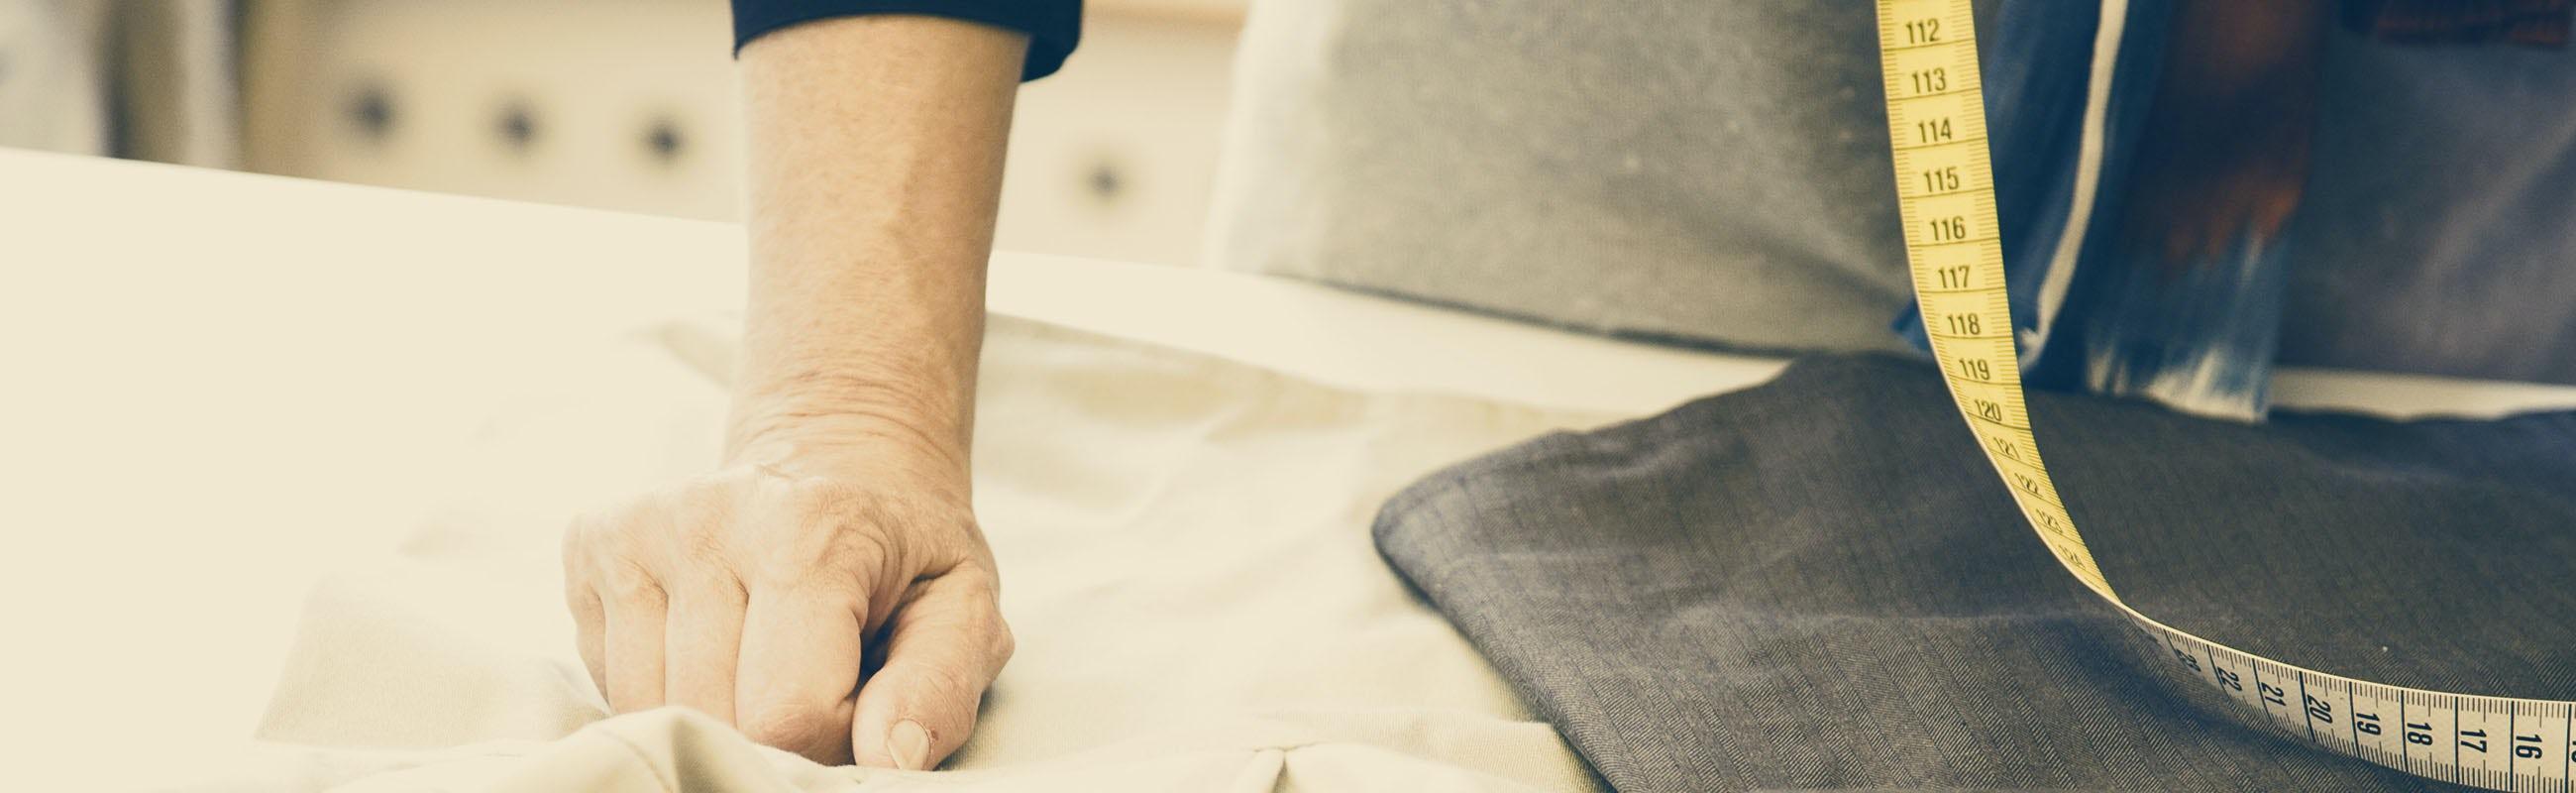 Gros plan des mains de la designer textile Lisen tenant des ciseaux | BABYBJÖRN